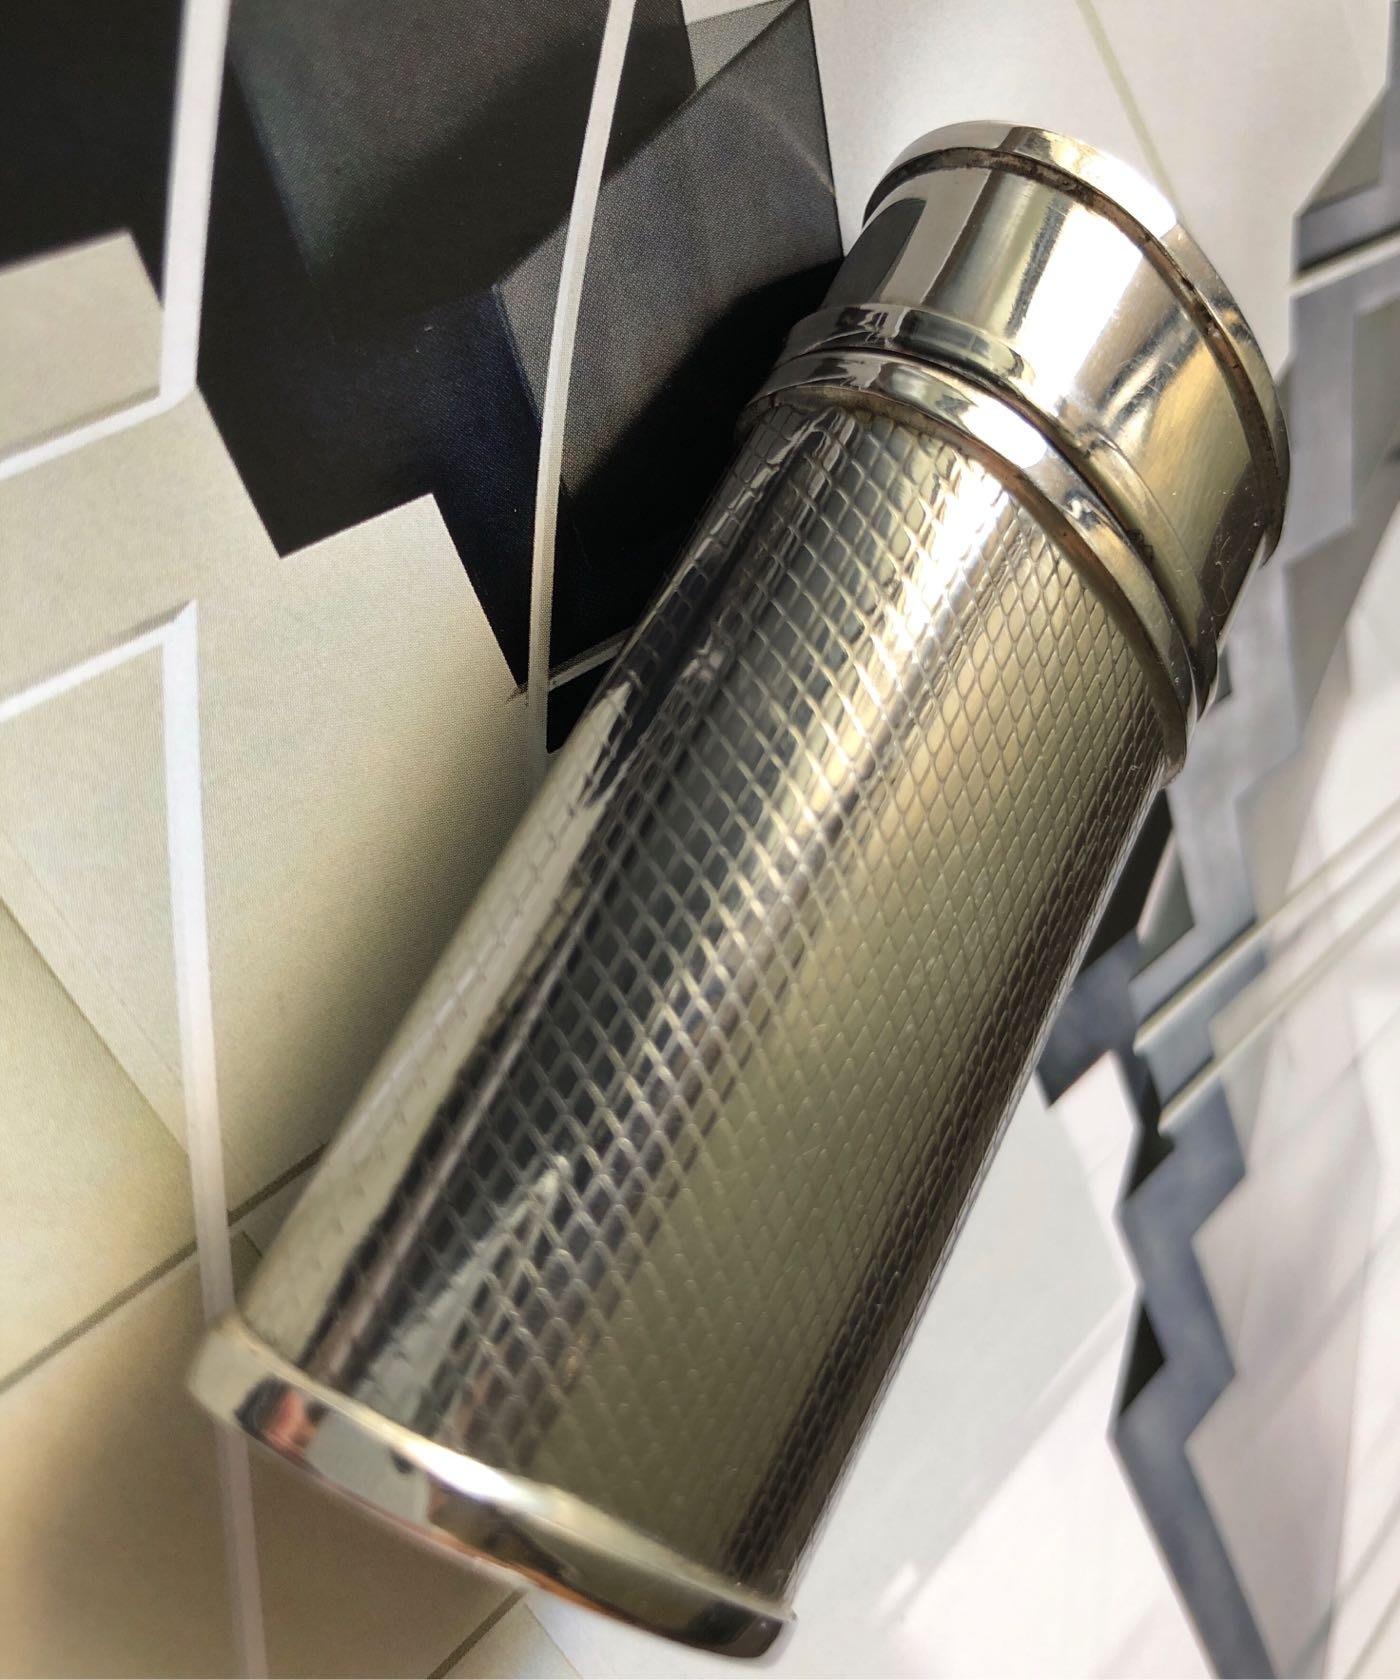 法國巴黎購回的全新金屬製作,隨身藥盒/煙灰缸,7cm/3.5cm